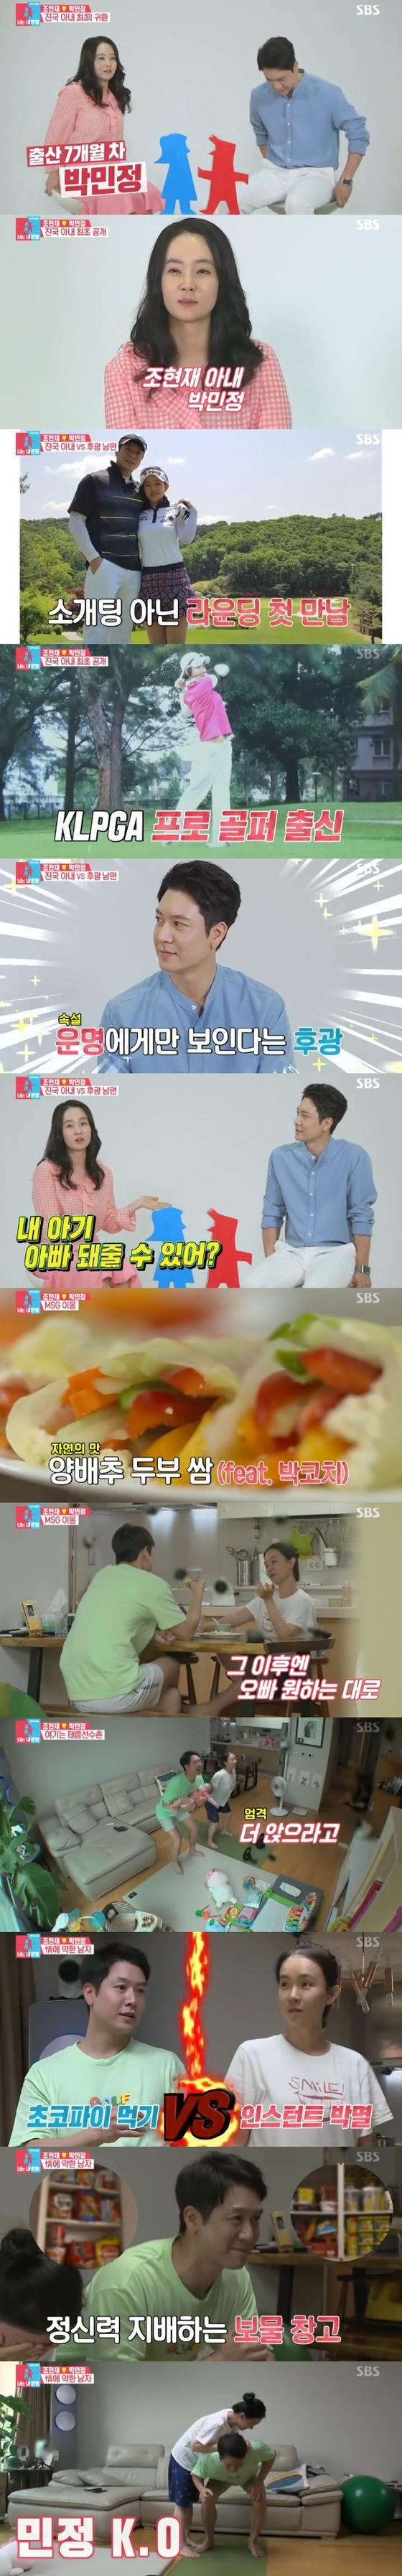 '동상이몽2' 조현재♥박민정 합류…인스턴트 두고 '스쿼트 대결'(종합)